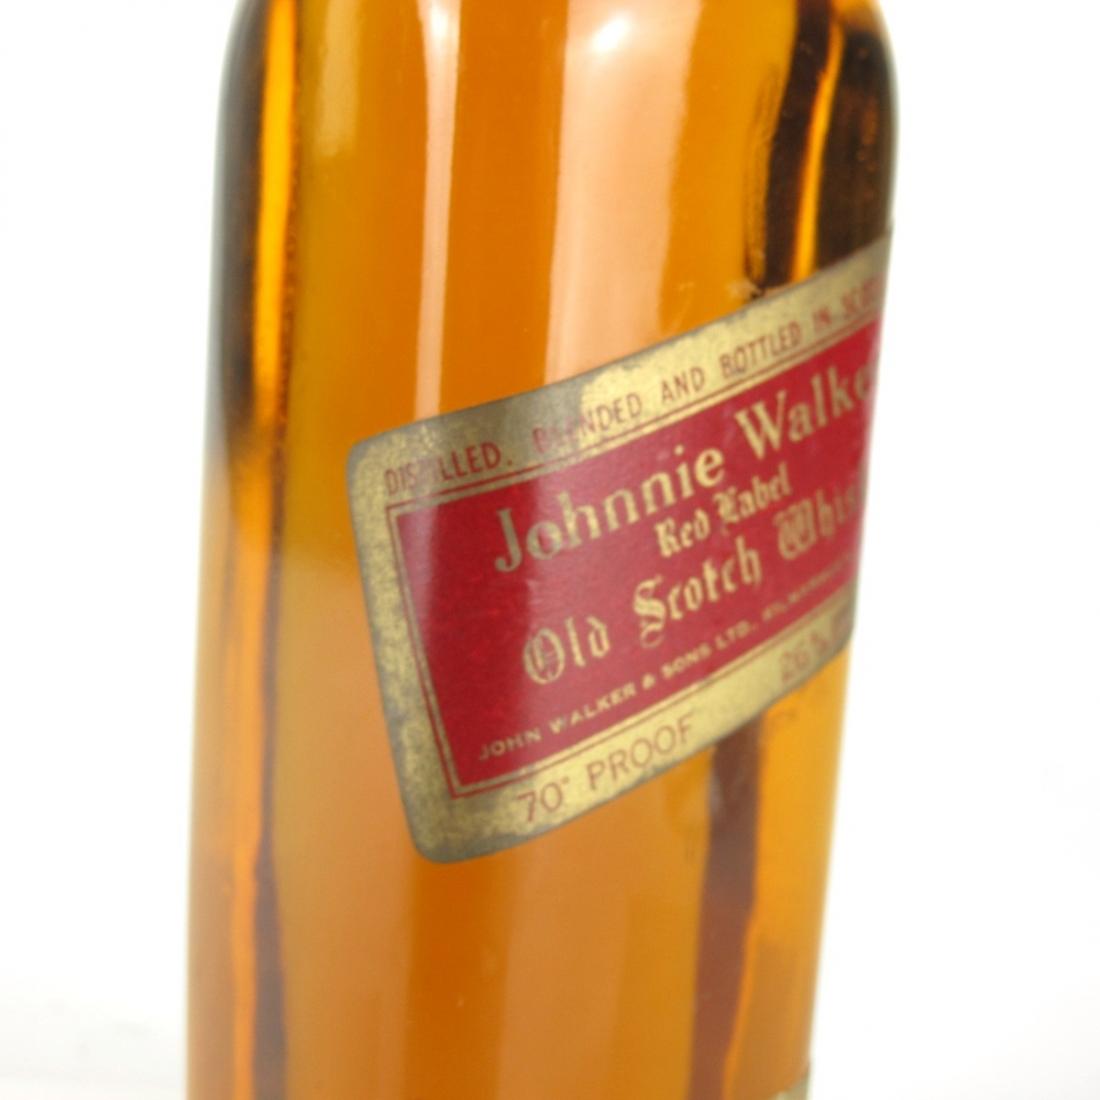 Johnnie Walker Red Label 1973